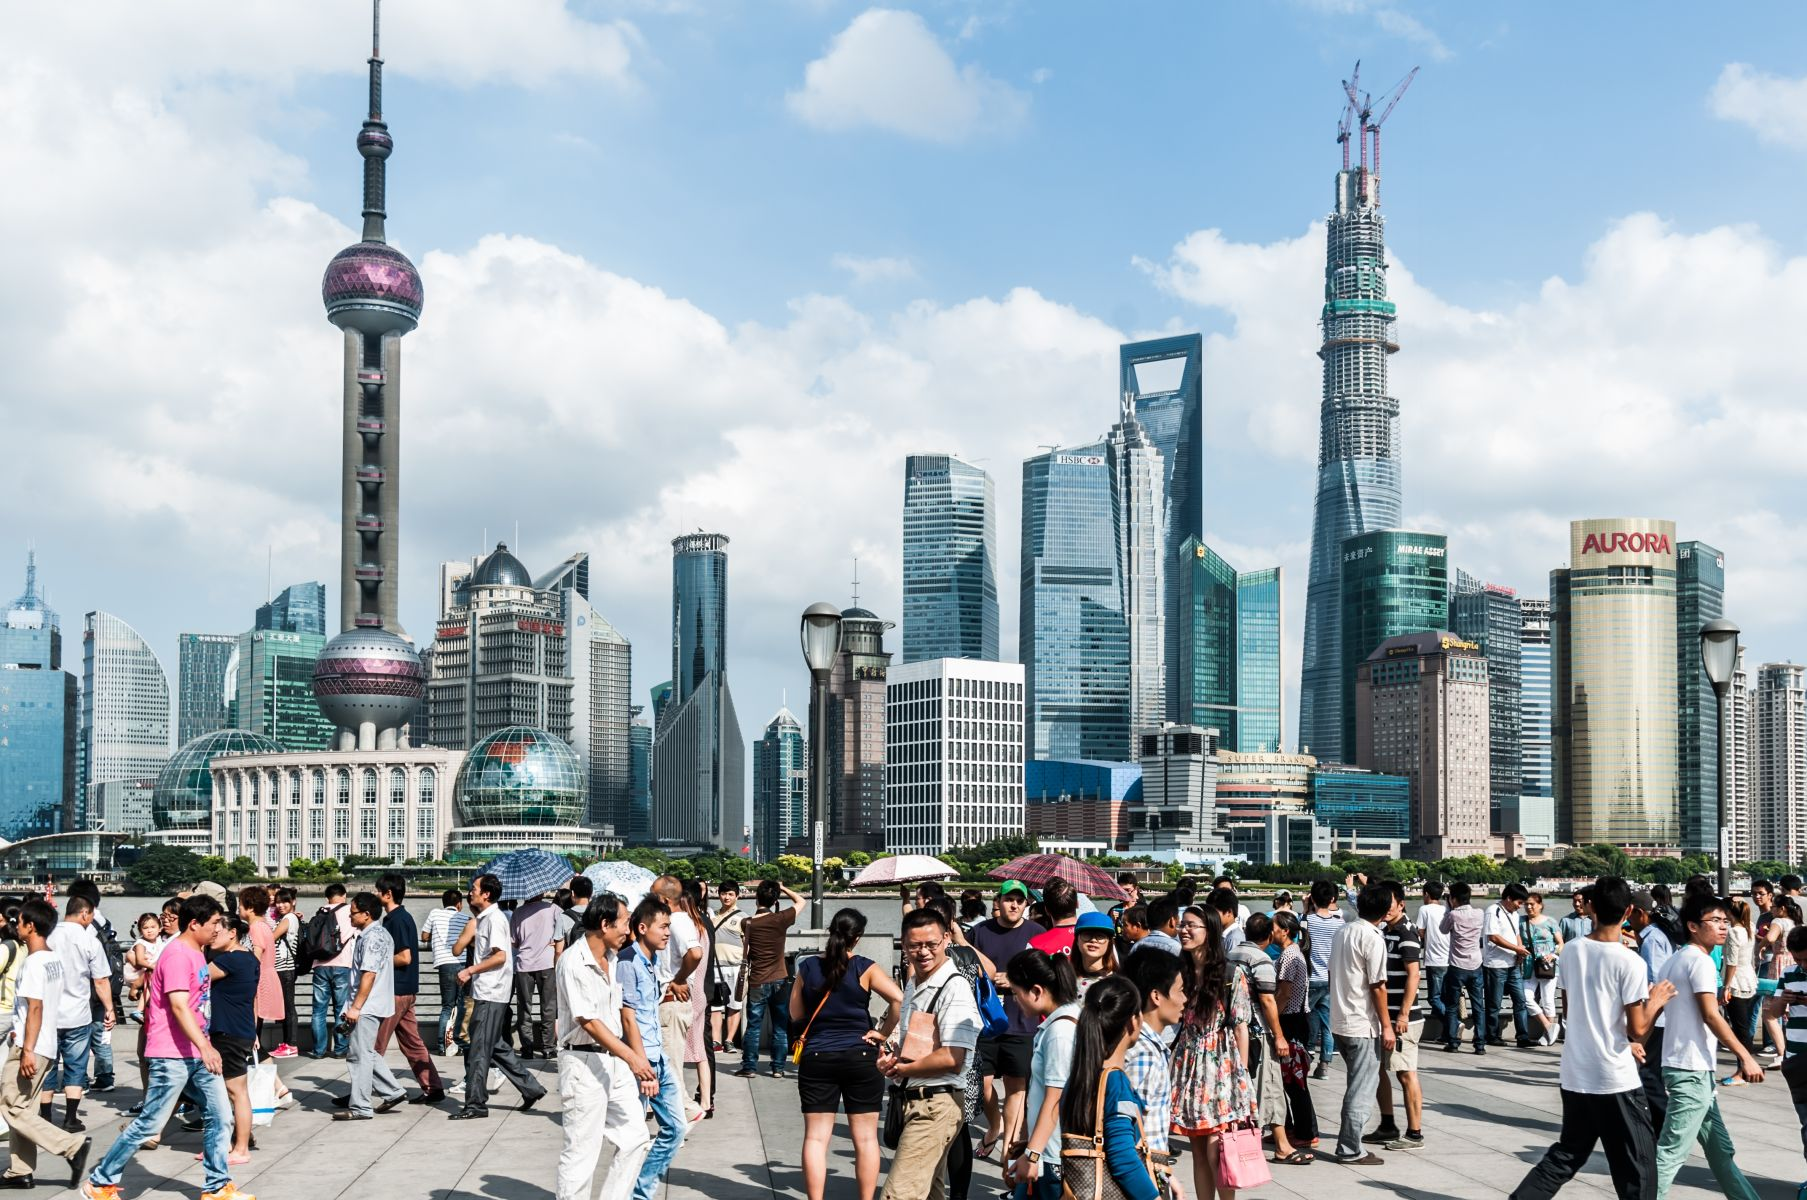 台灣人赴中工作失業可享就業服務 前提為需繳社保金